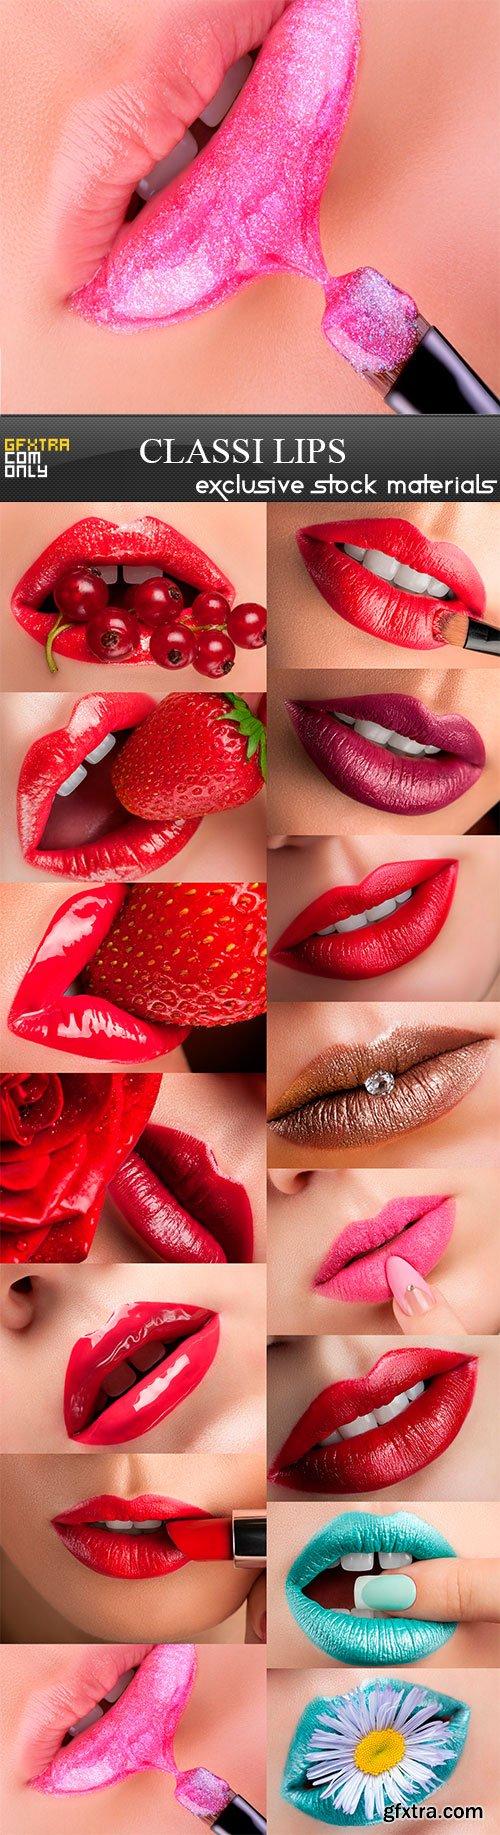 Classi lips, 15 x UHQ JPEG